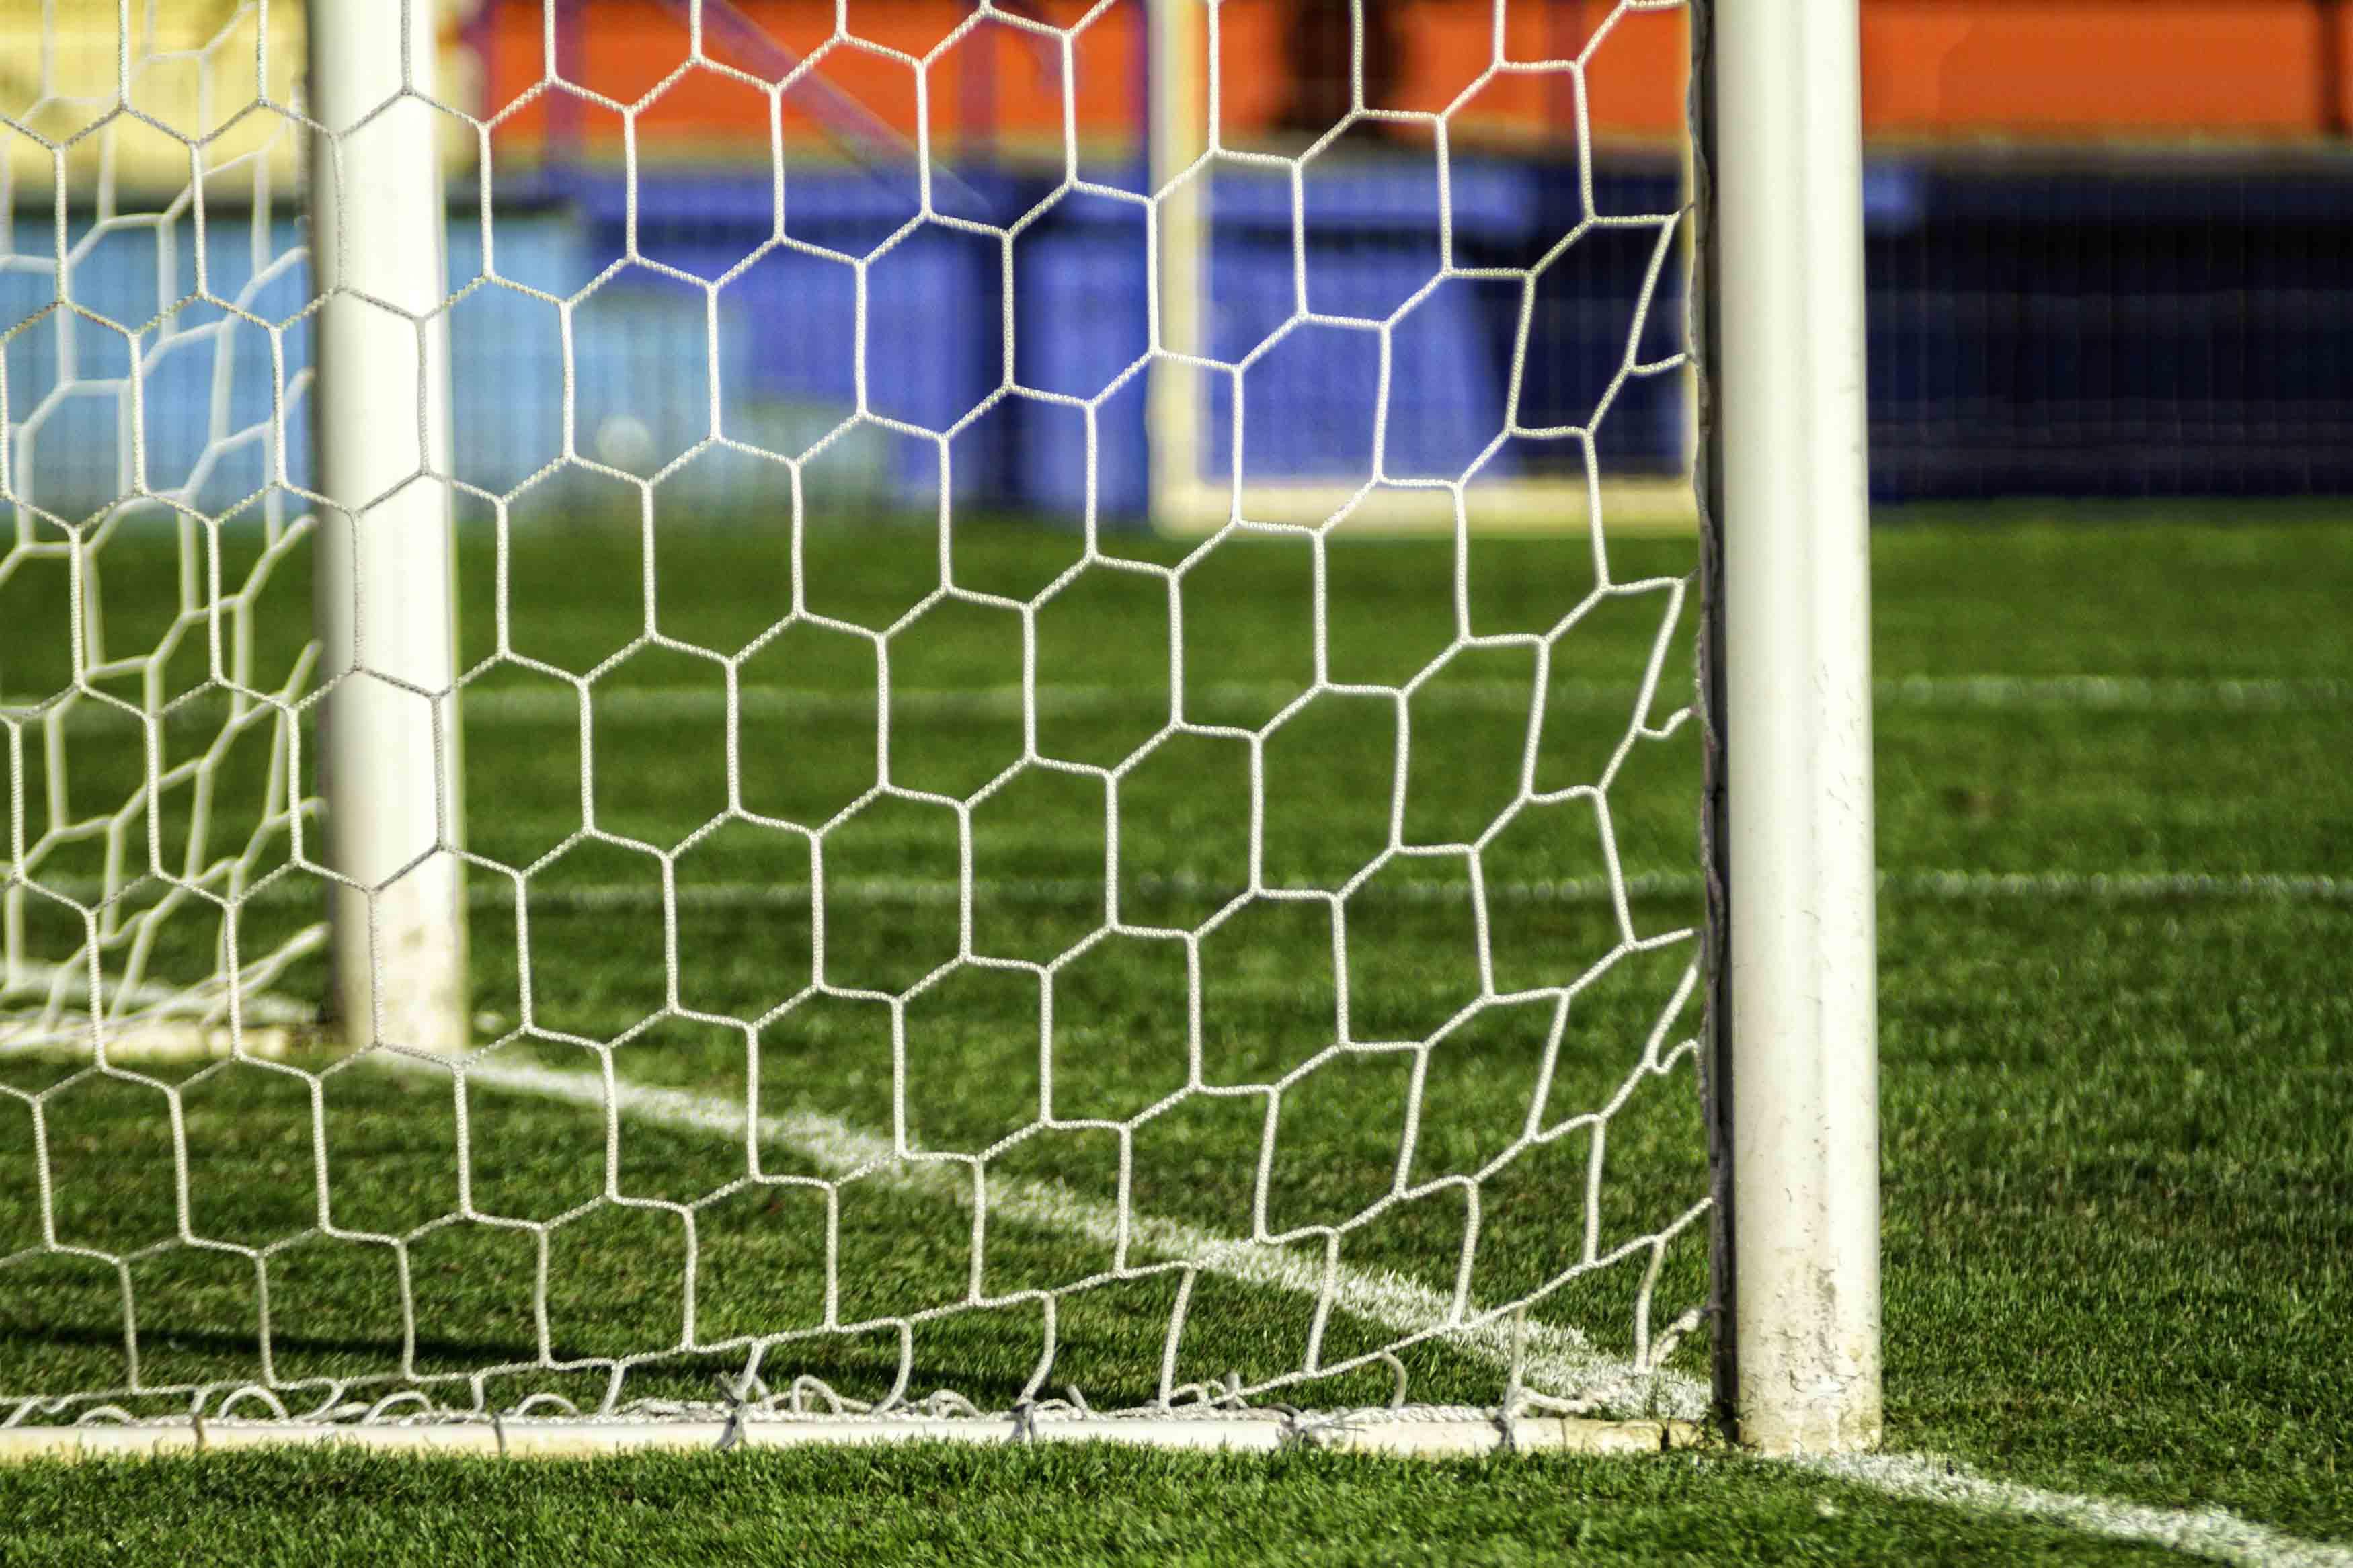 Football soccer goal net